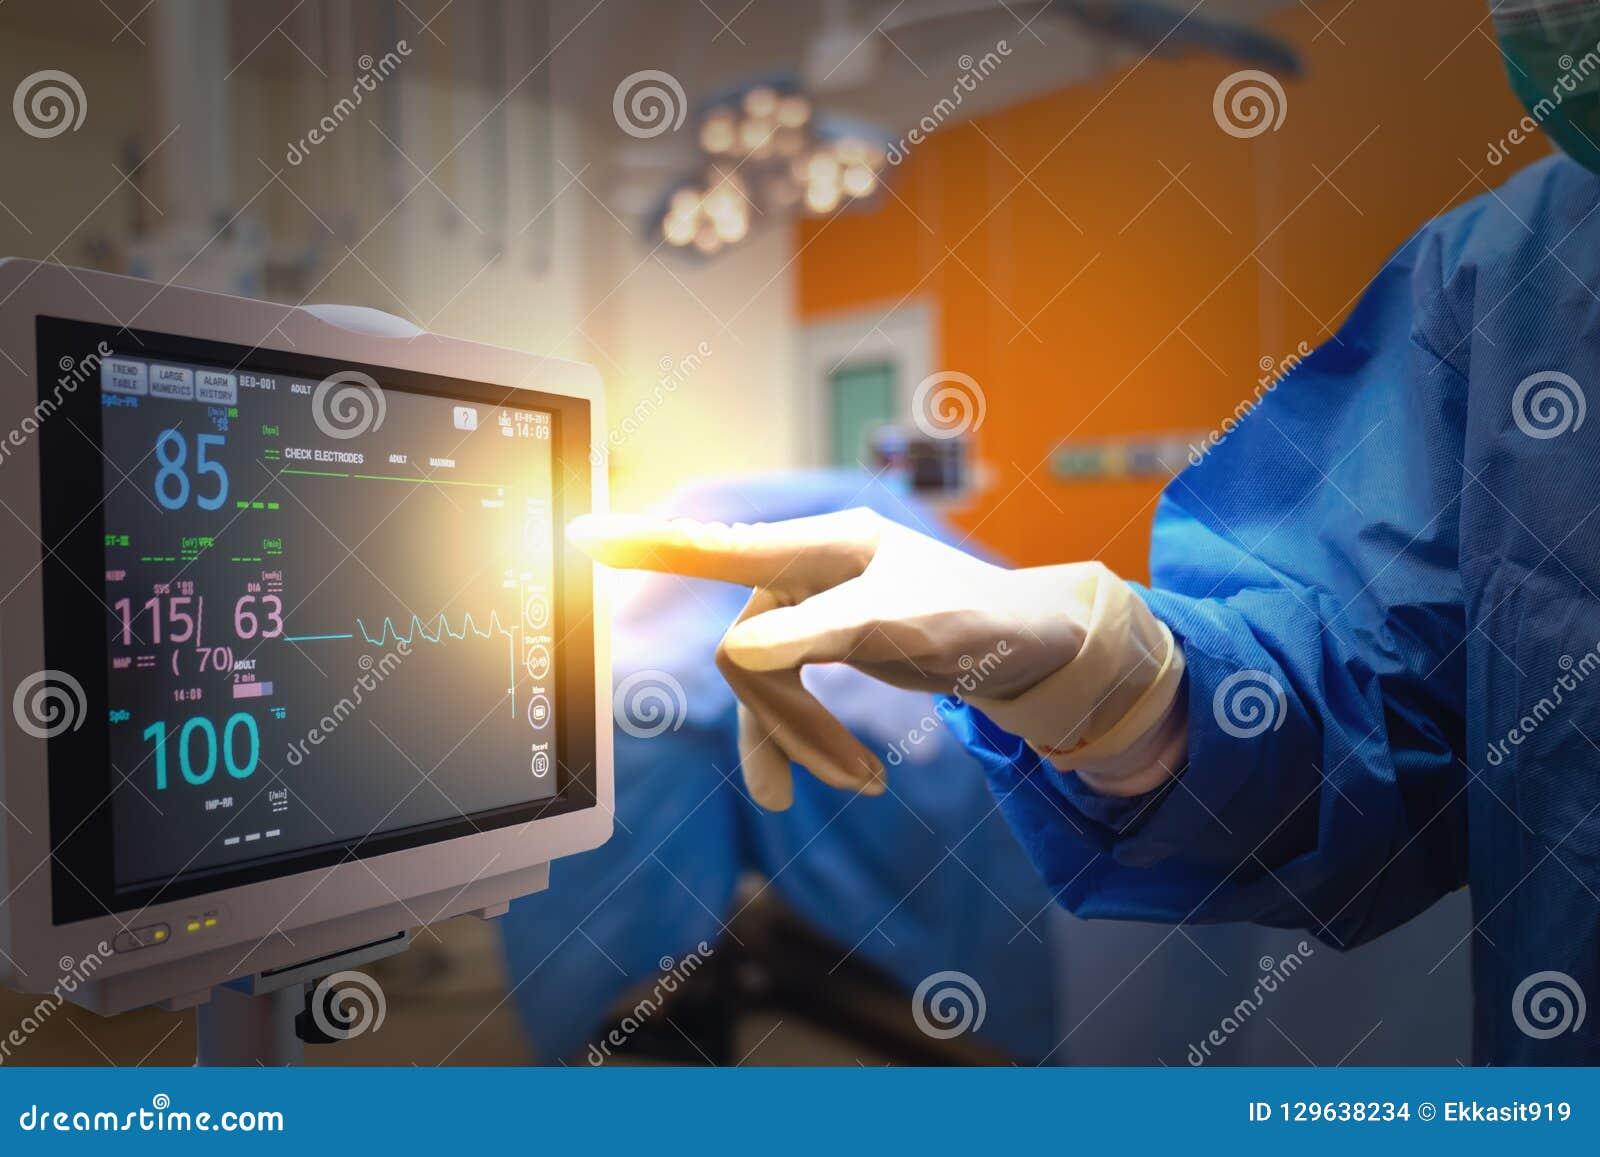 Tecnologia medica astuta nel concetto dell ospedale, medico nel campo del gruppo dei chirurghi che tiene gli strumenti medici per